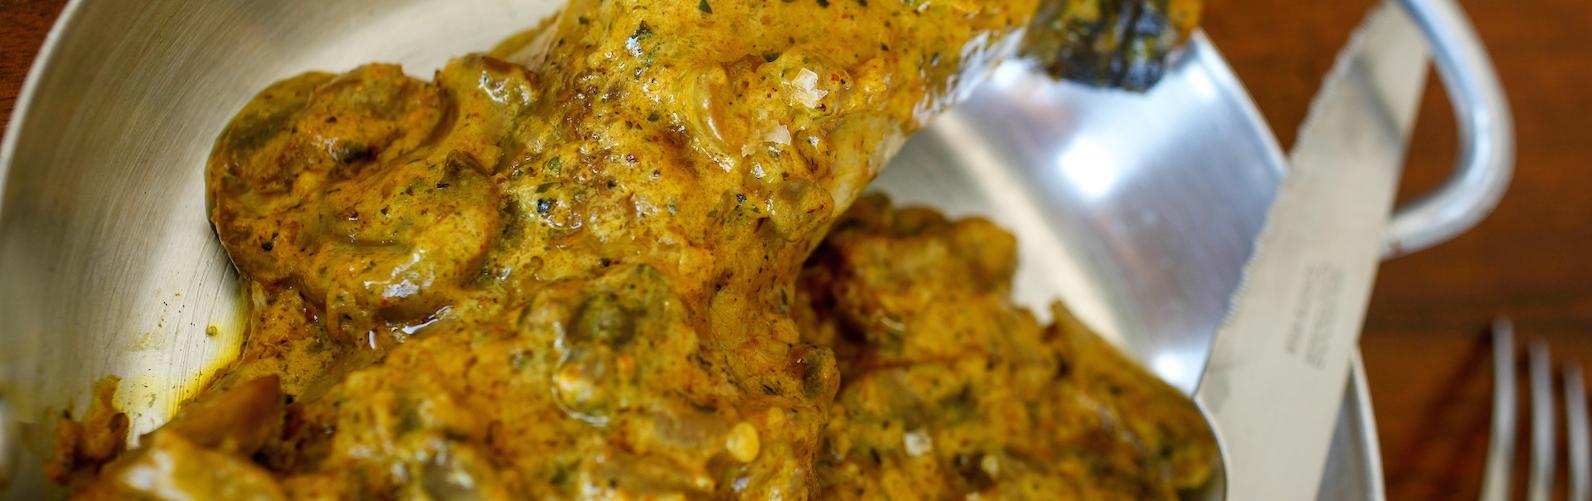 Mélange d'épices pour sauce aux poivres